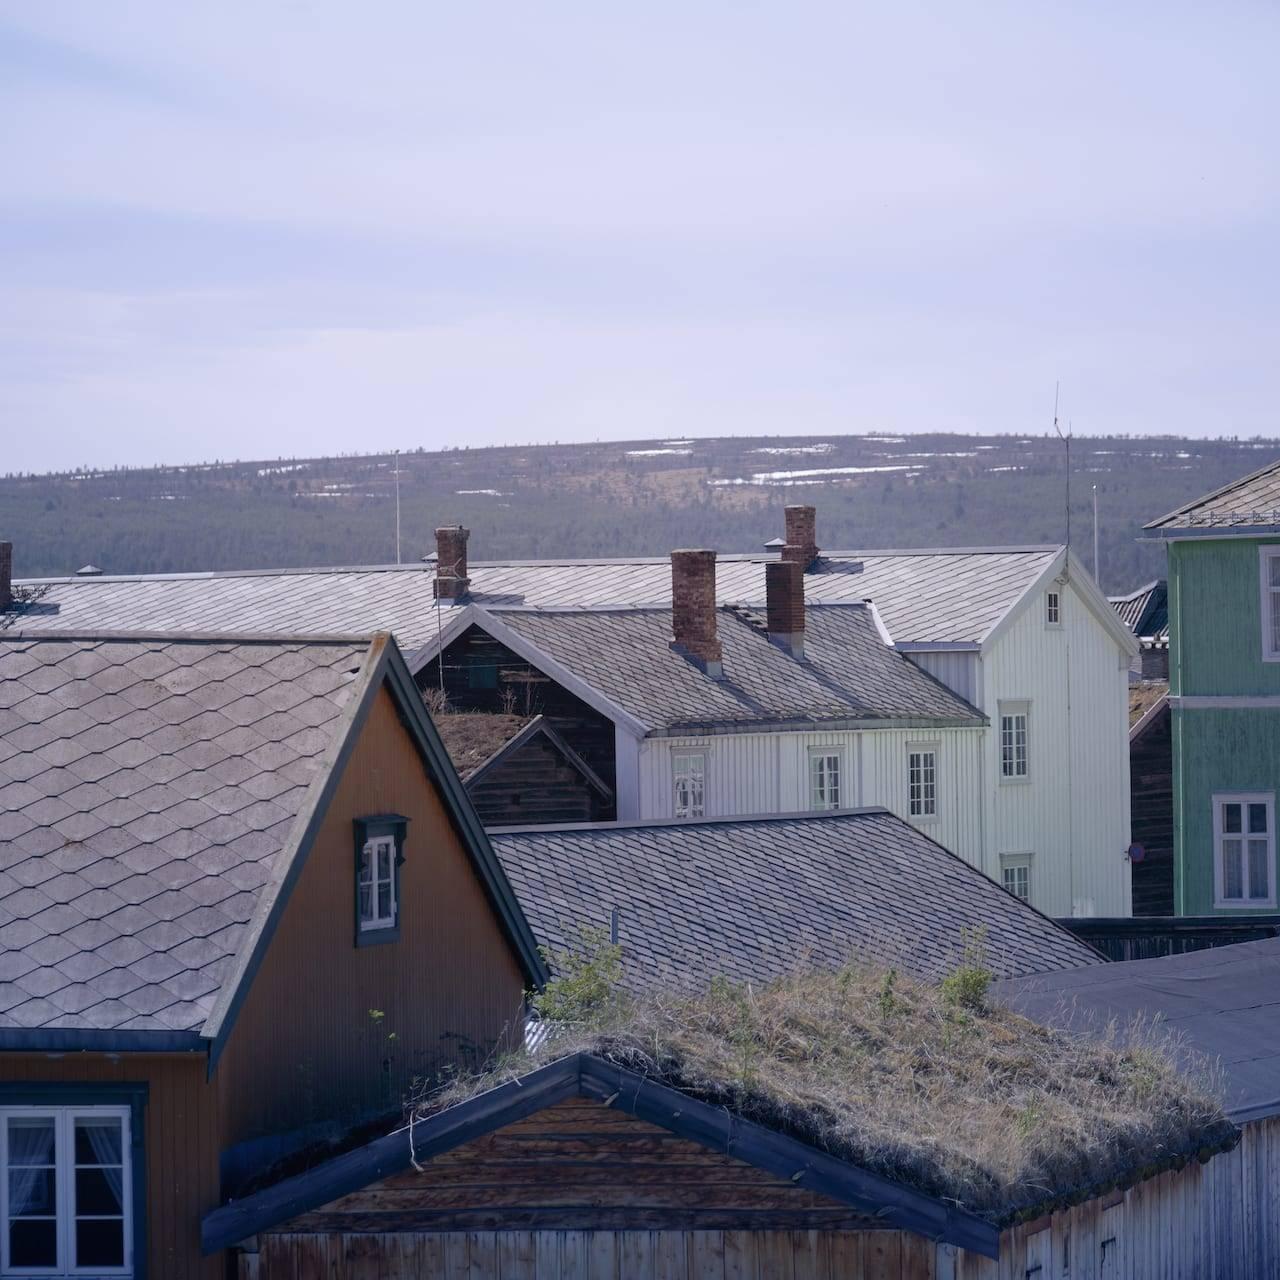 Hus på Røros. Foto: Tom Gustavsen